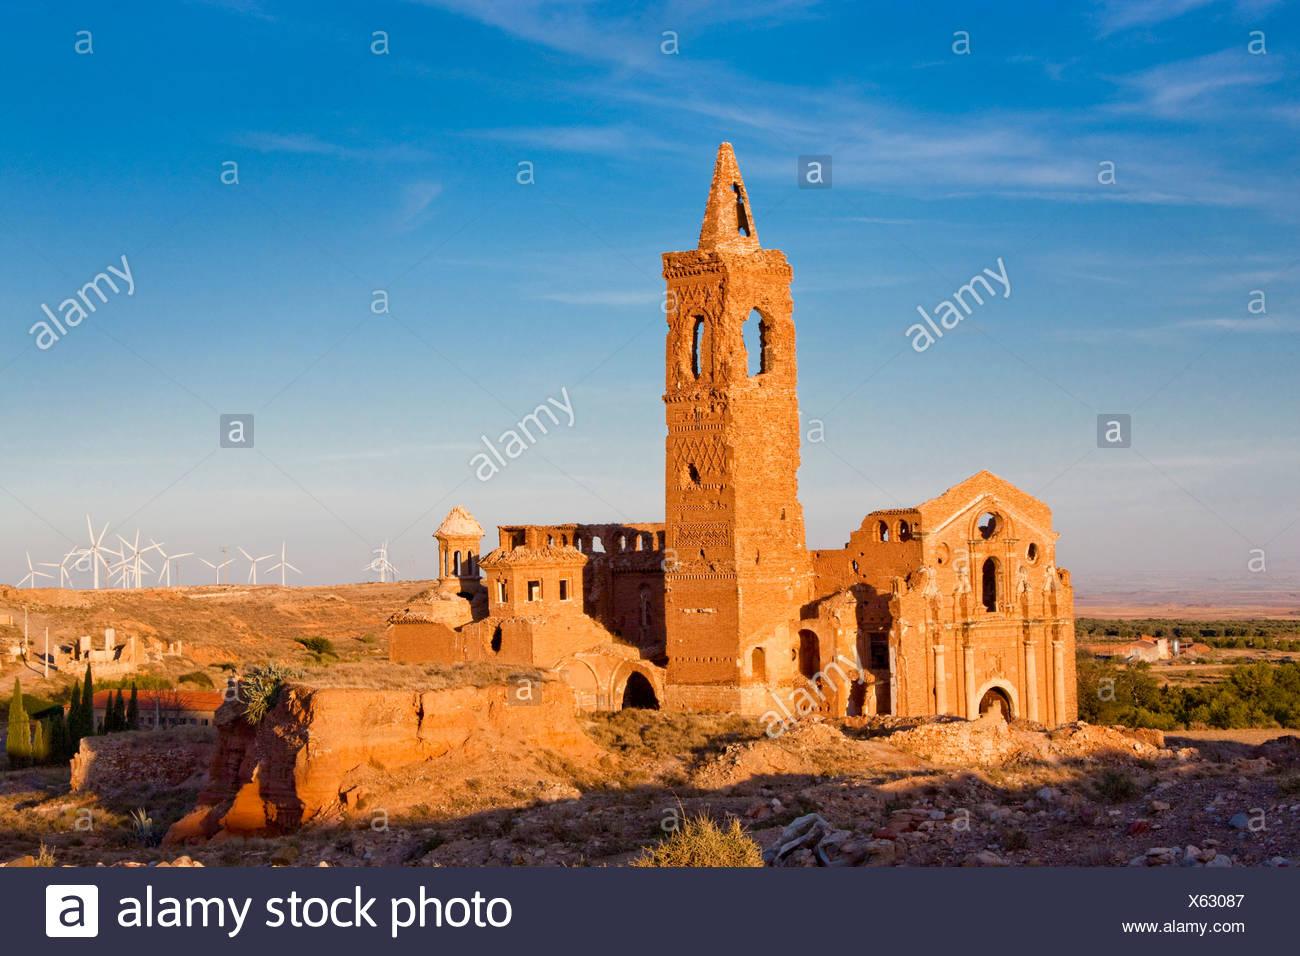 España, Europa, Aragón, parque eólico, la energía eólica, turbinas eólicas, energía, Belchite, ecológicos, ruinas, torre, rook, viejo, nuevo Imagen De Stock